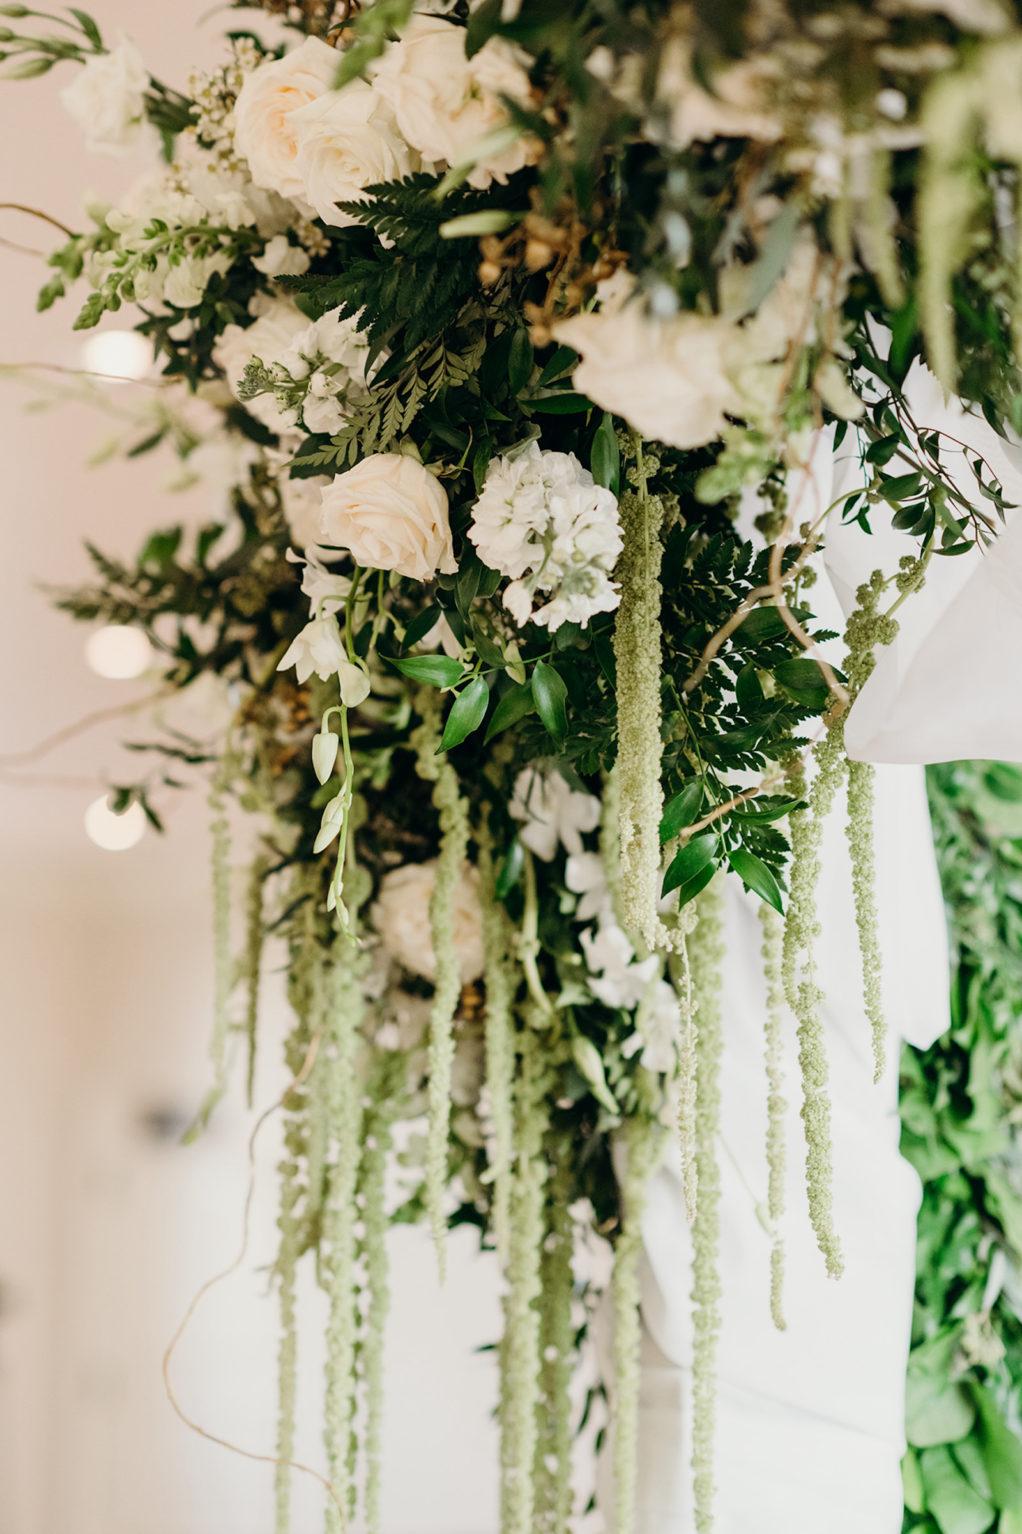 Elegant and Timeless Wedding Decor, White Roses, Greenery, Hanging Amaranthus